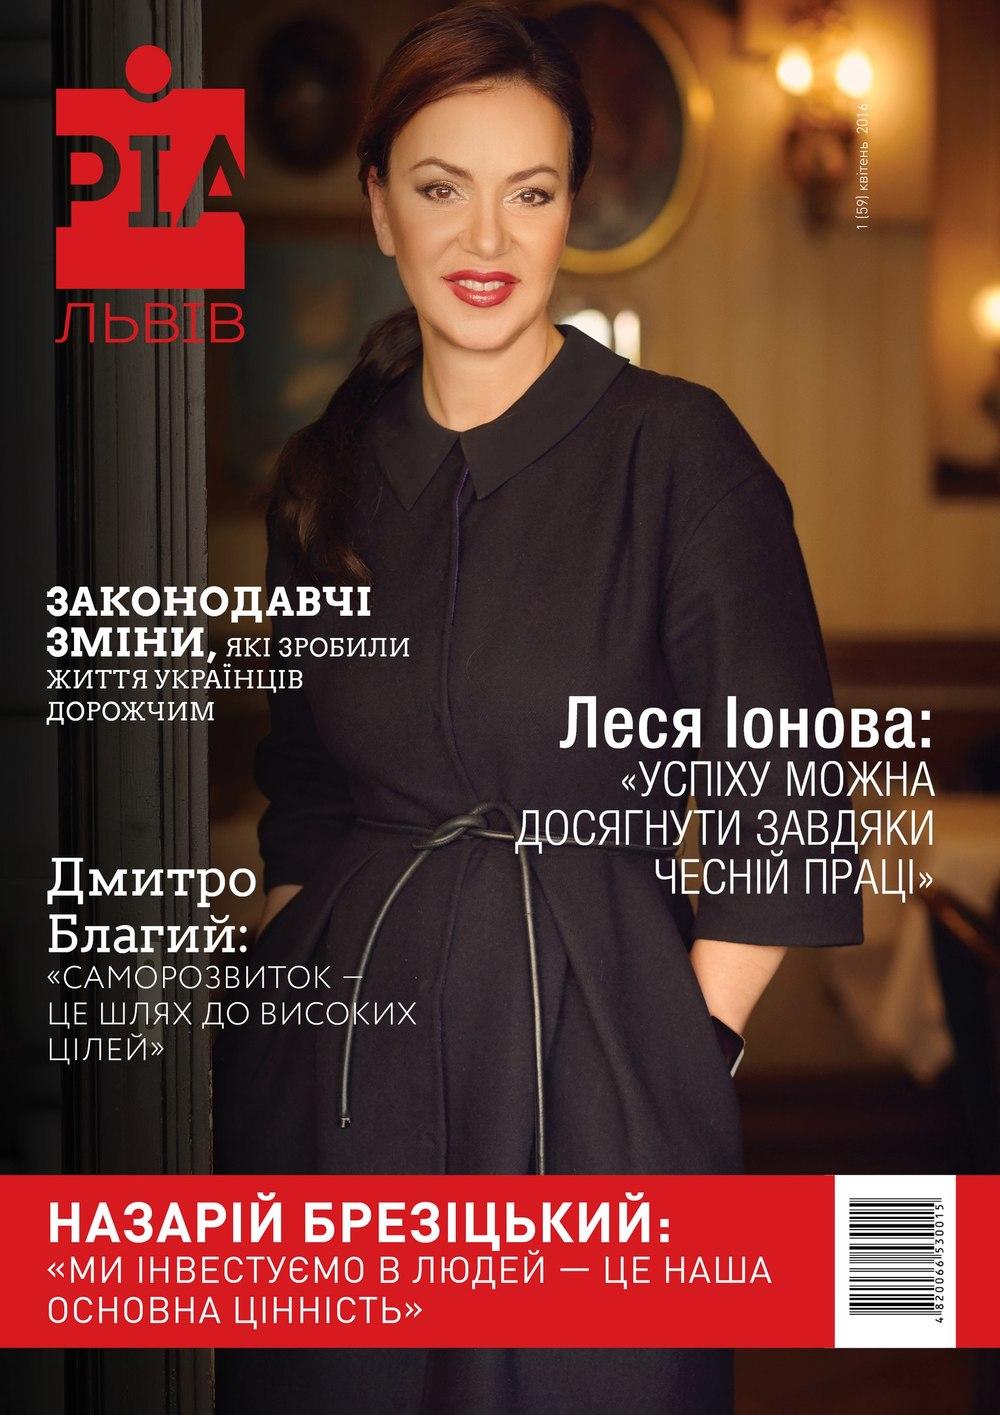 Журнал РІА.jpg